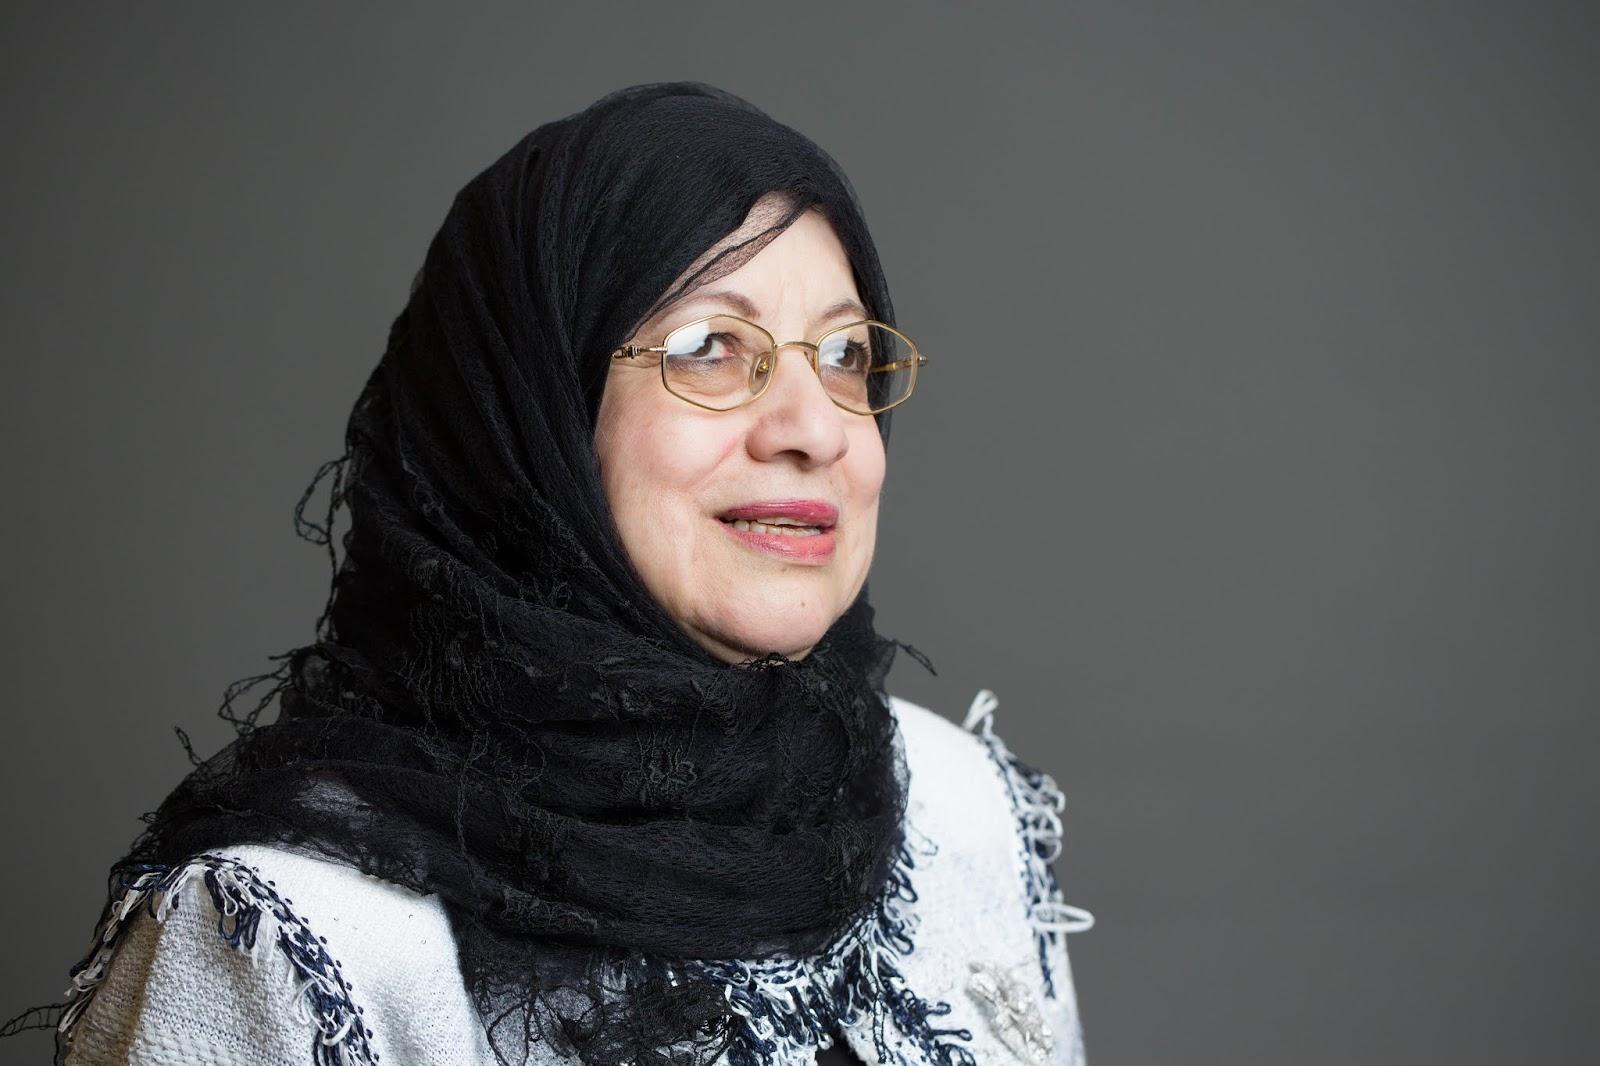 تكريم الإسلام للمرأة وخطورة الاختلاط في مناهجنا الدراسية(2)